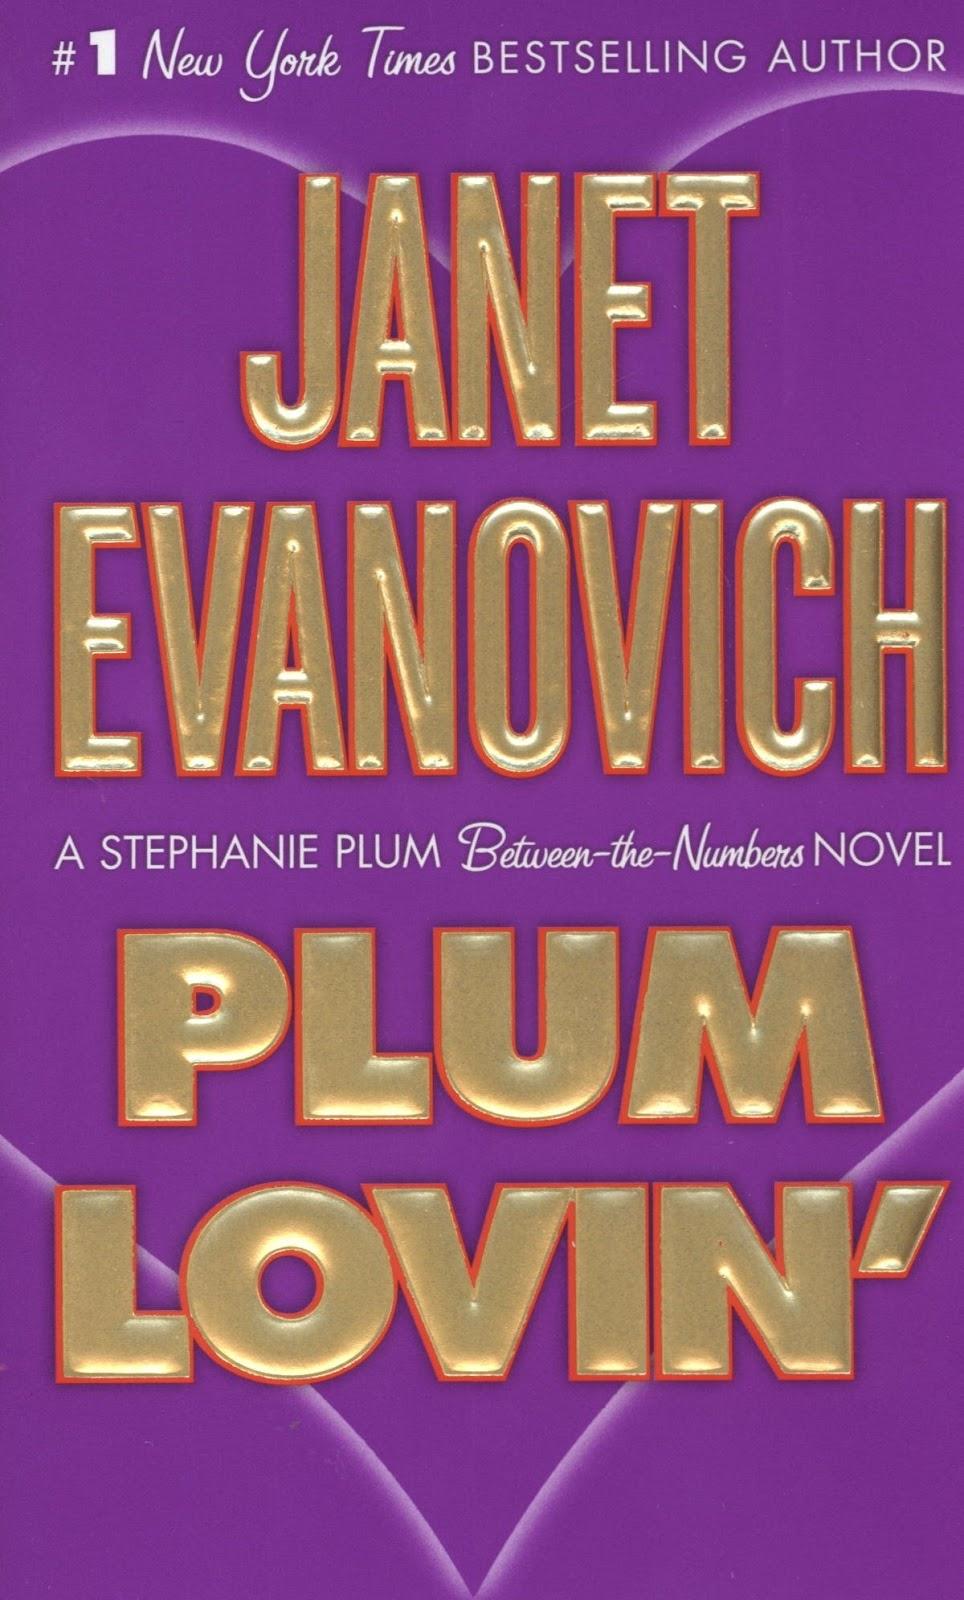 1 Star For Plum Loving Stephanie Book 12 5 By Janet Evanovich